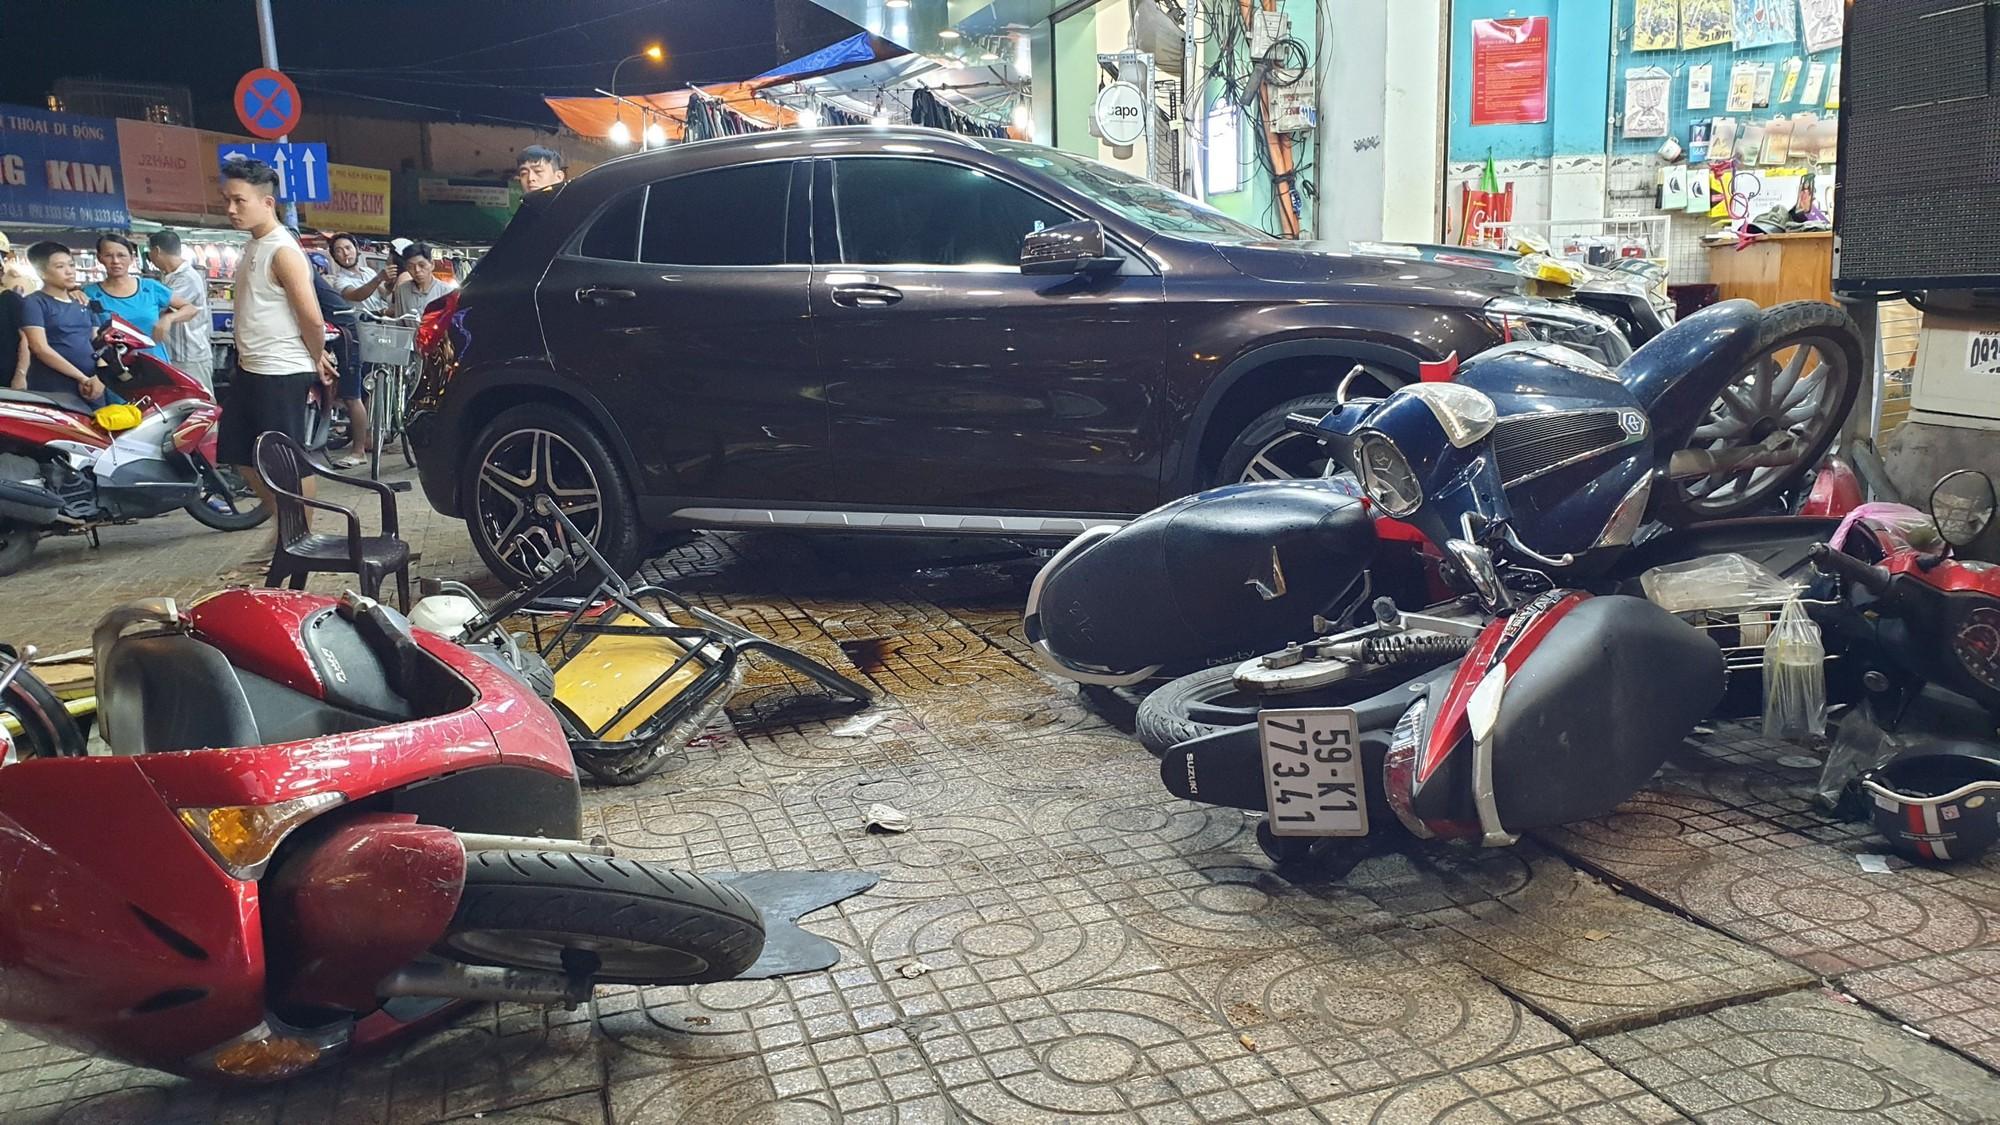 TP.HCM: Nữ tài xế lái Mercedes tông hàng loạt xe máy, nhiều người nằm la liệt trên đường - Ảnh 2.